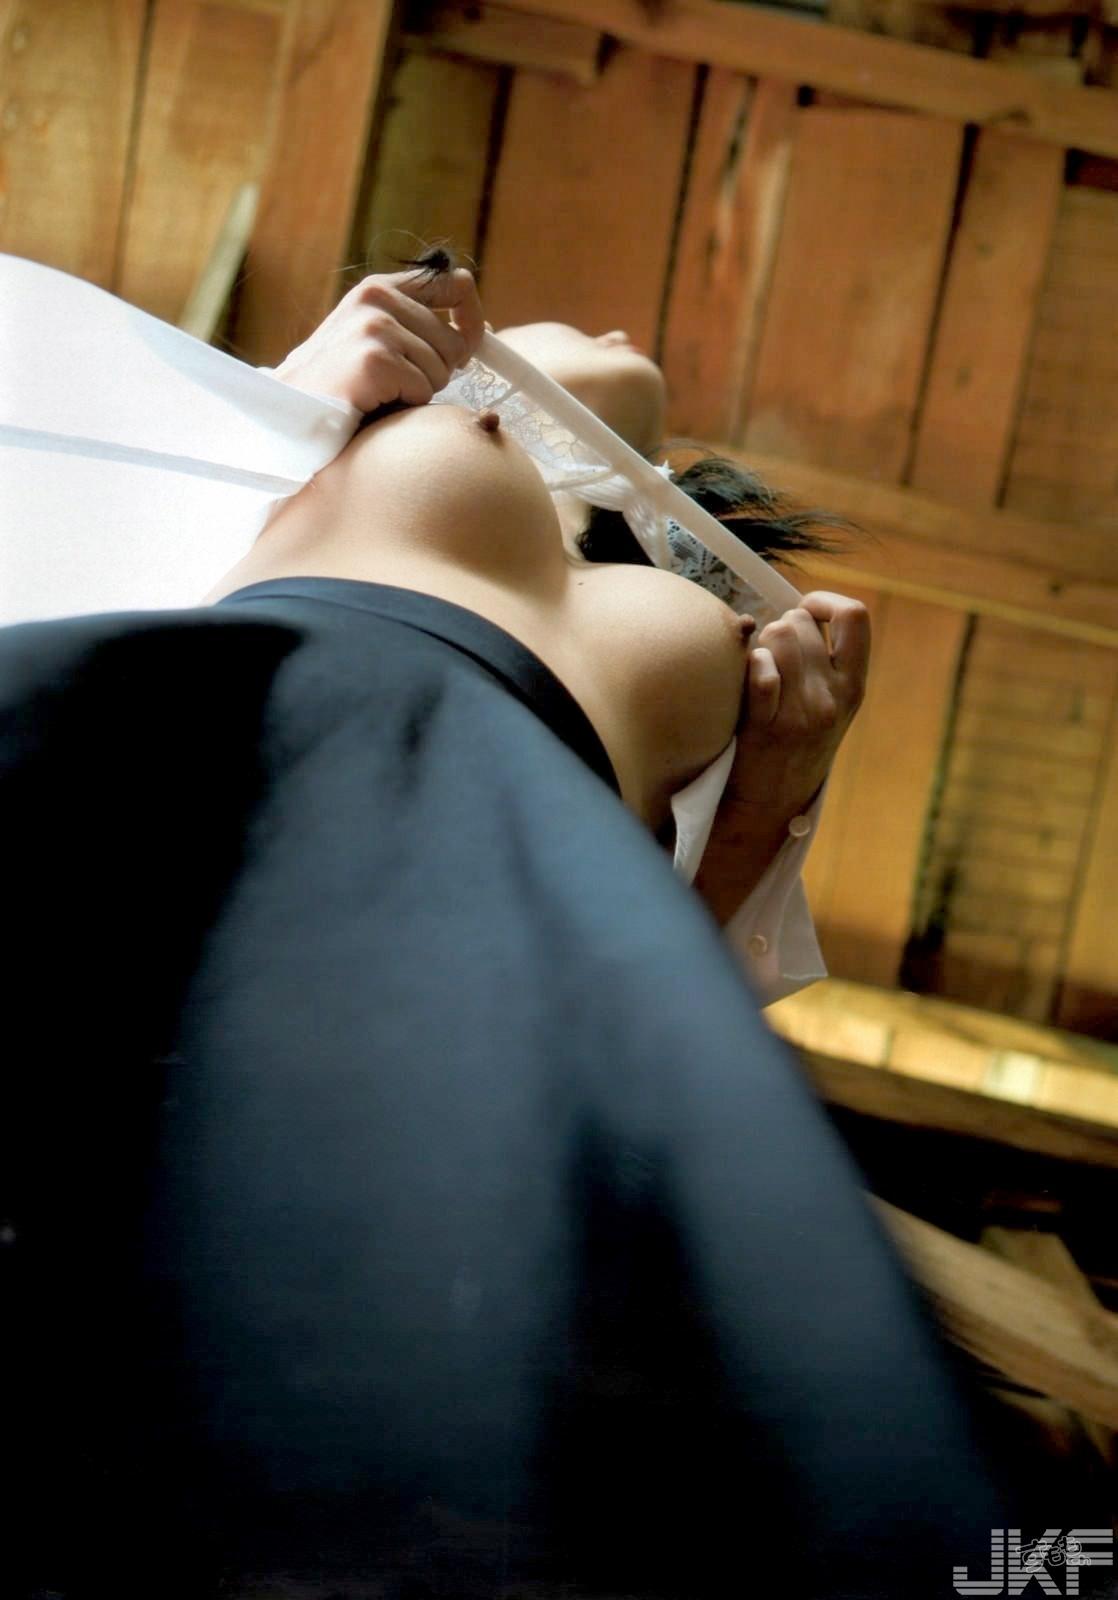 breast_5084-092.jpg